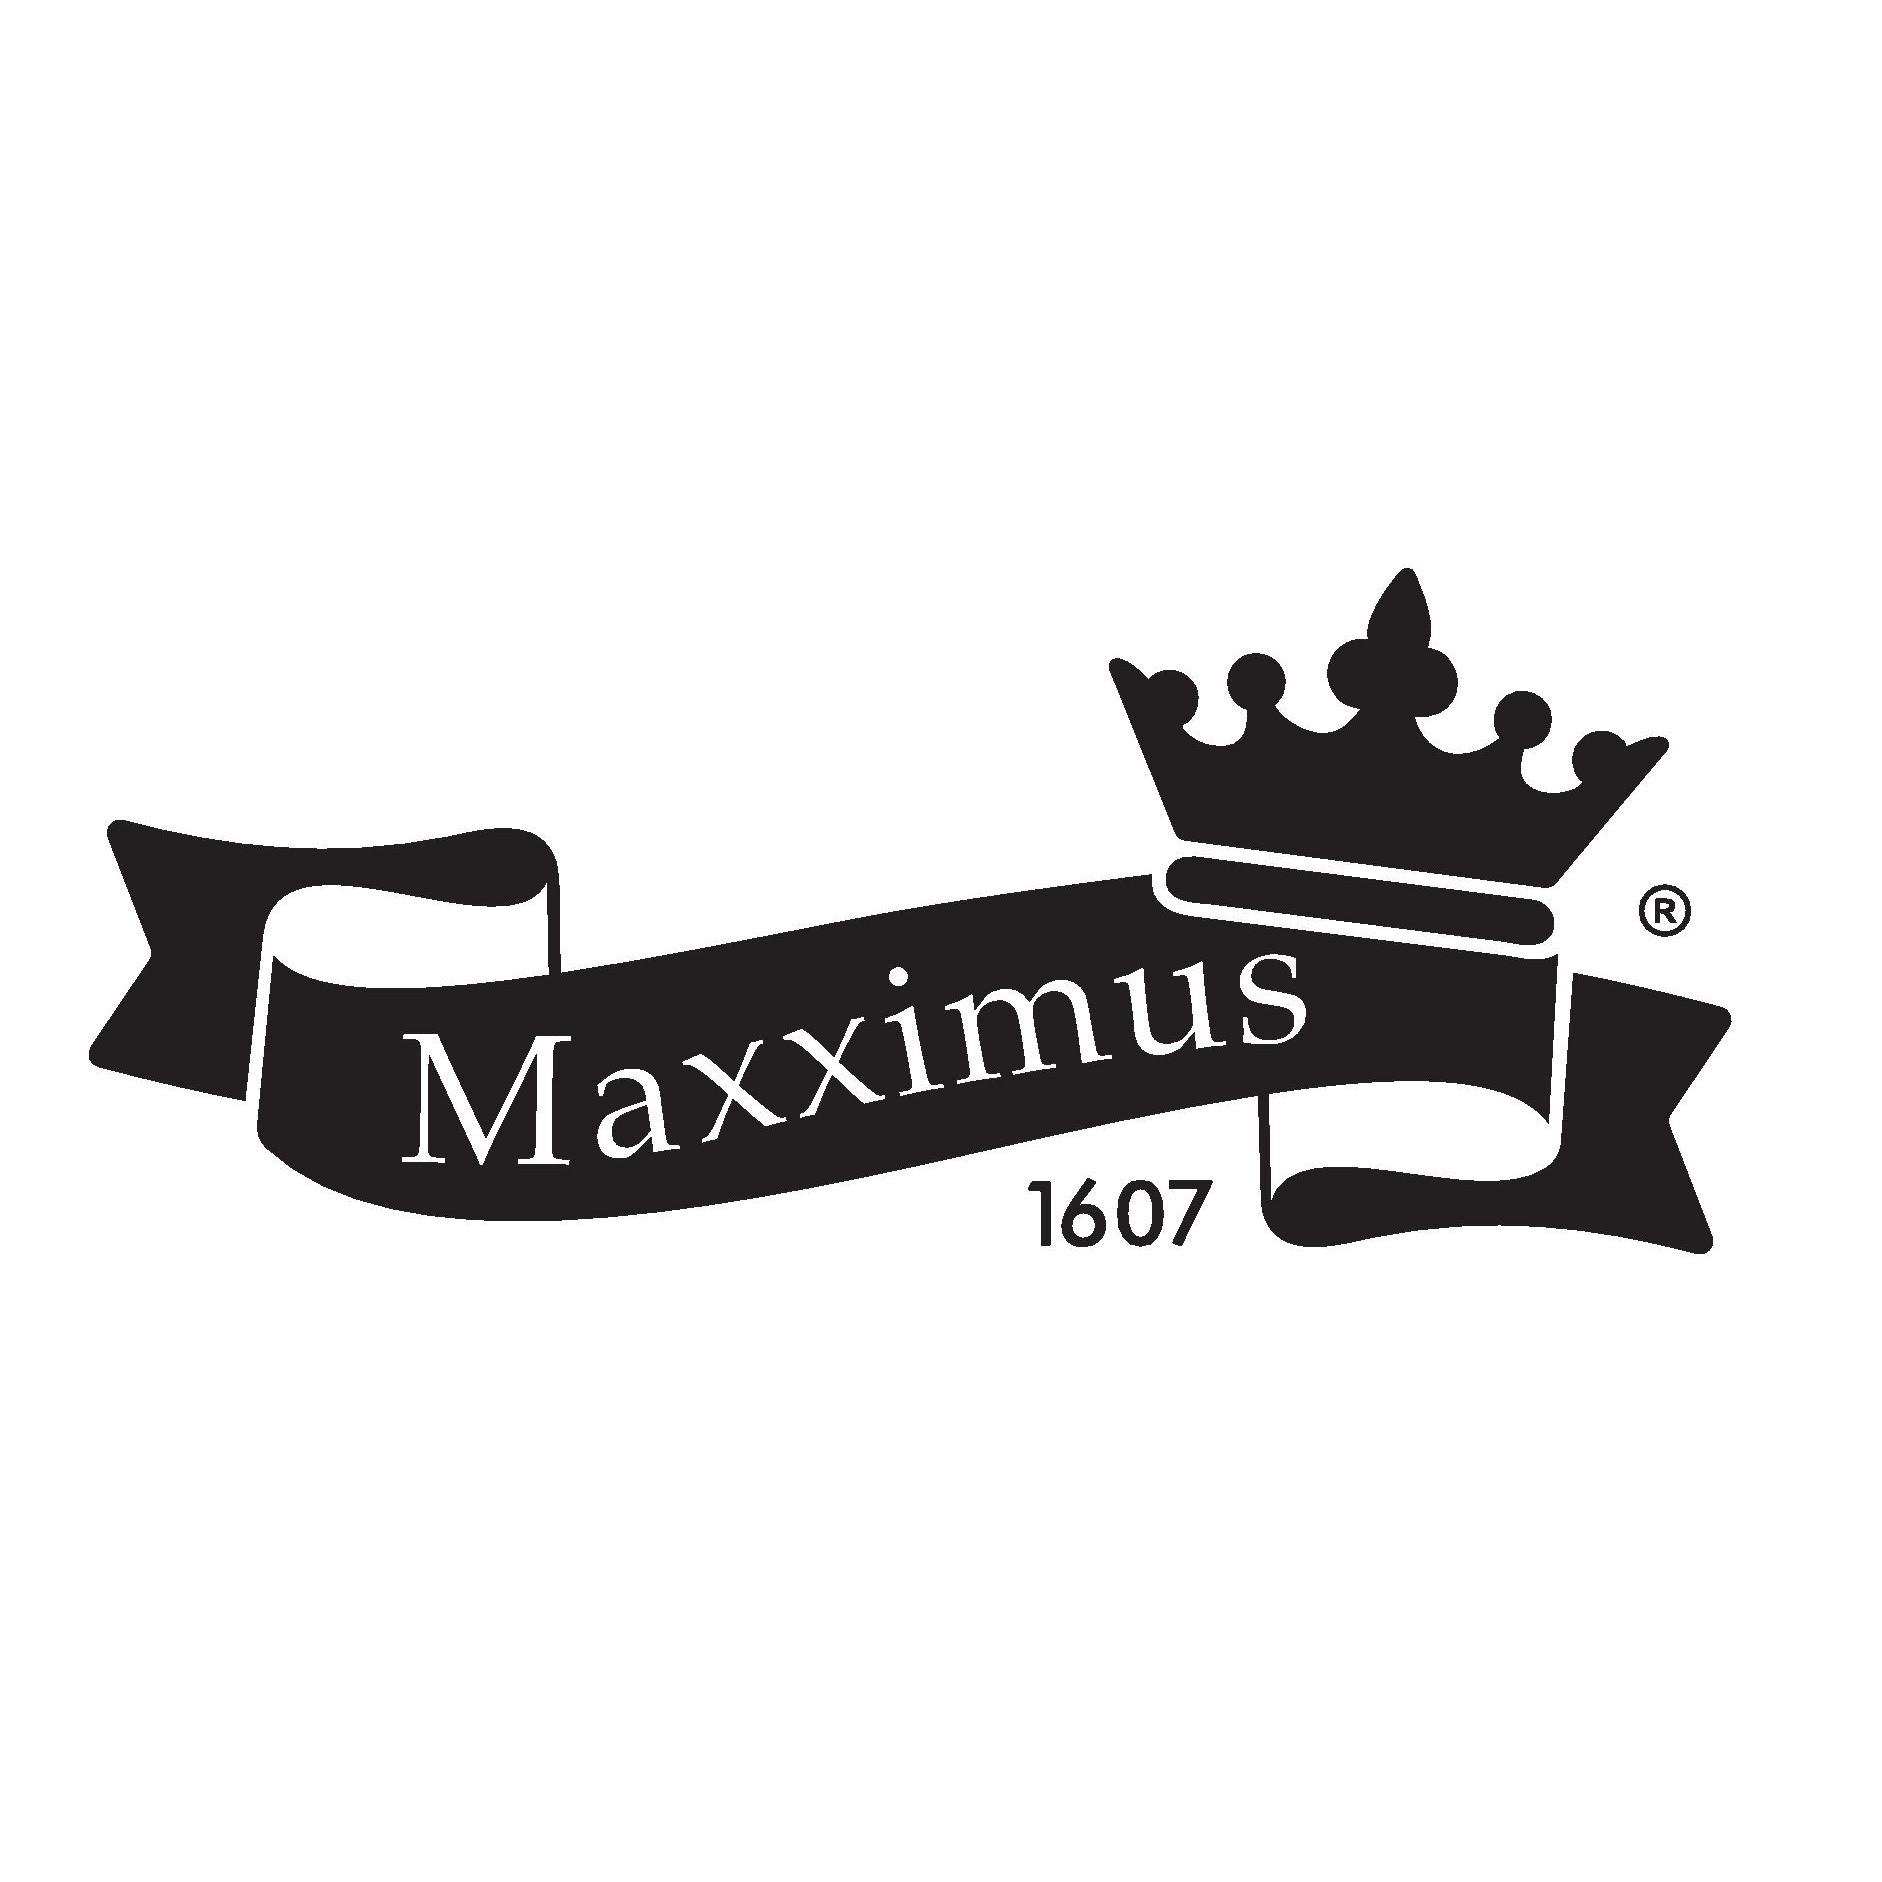 maxximus zalau value centre